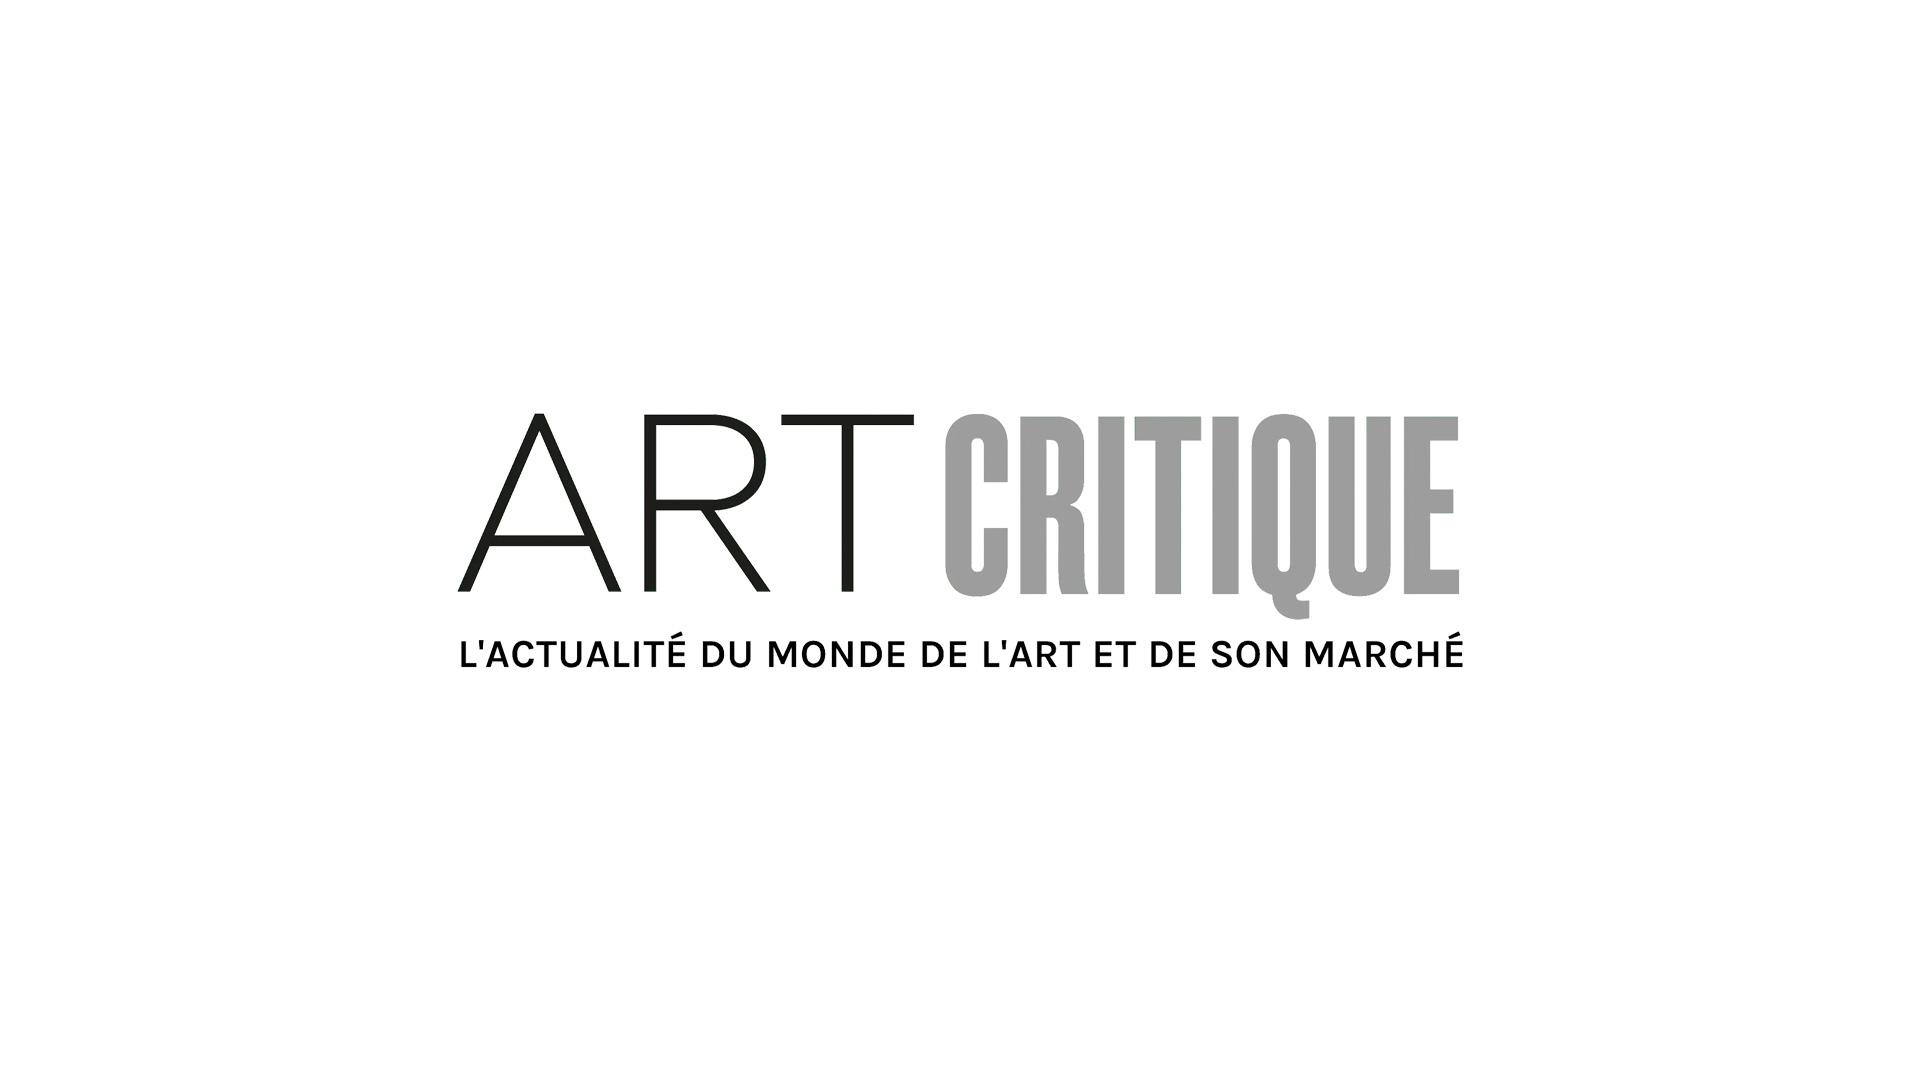 Schoenberg, de Keersmaeker et Freud, les nuits agitées de l'automne parisien